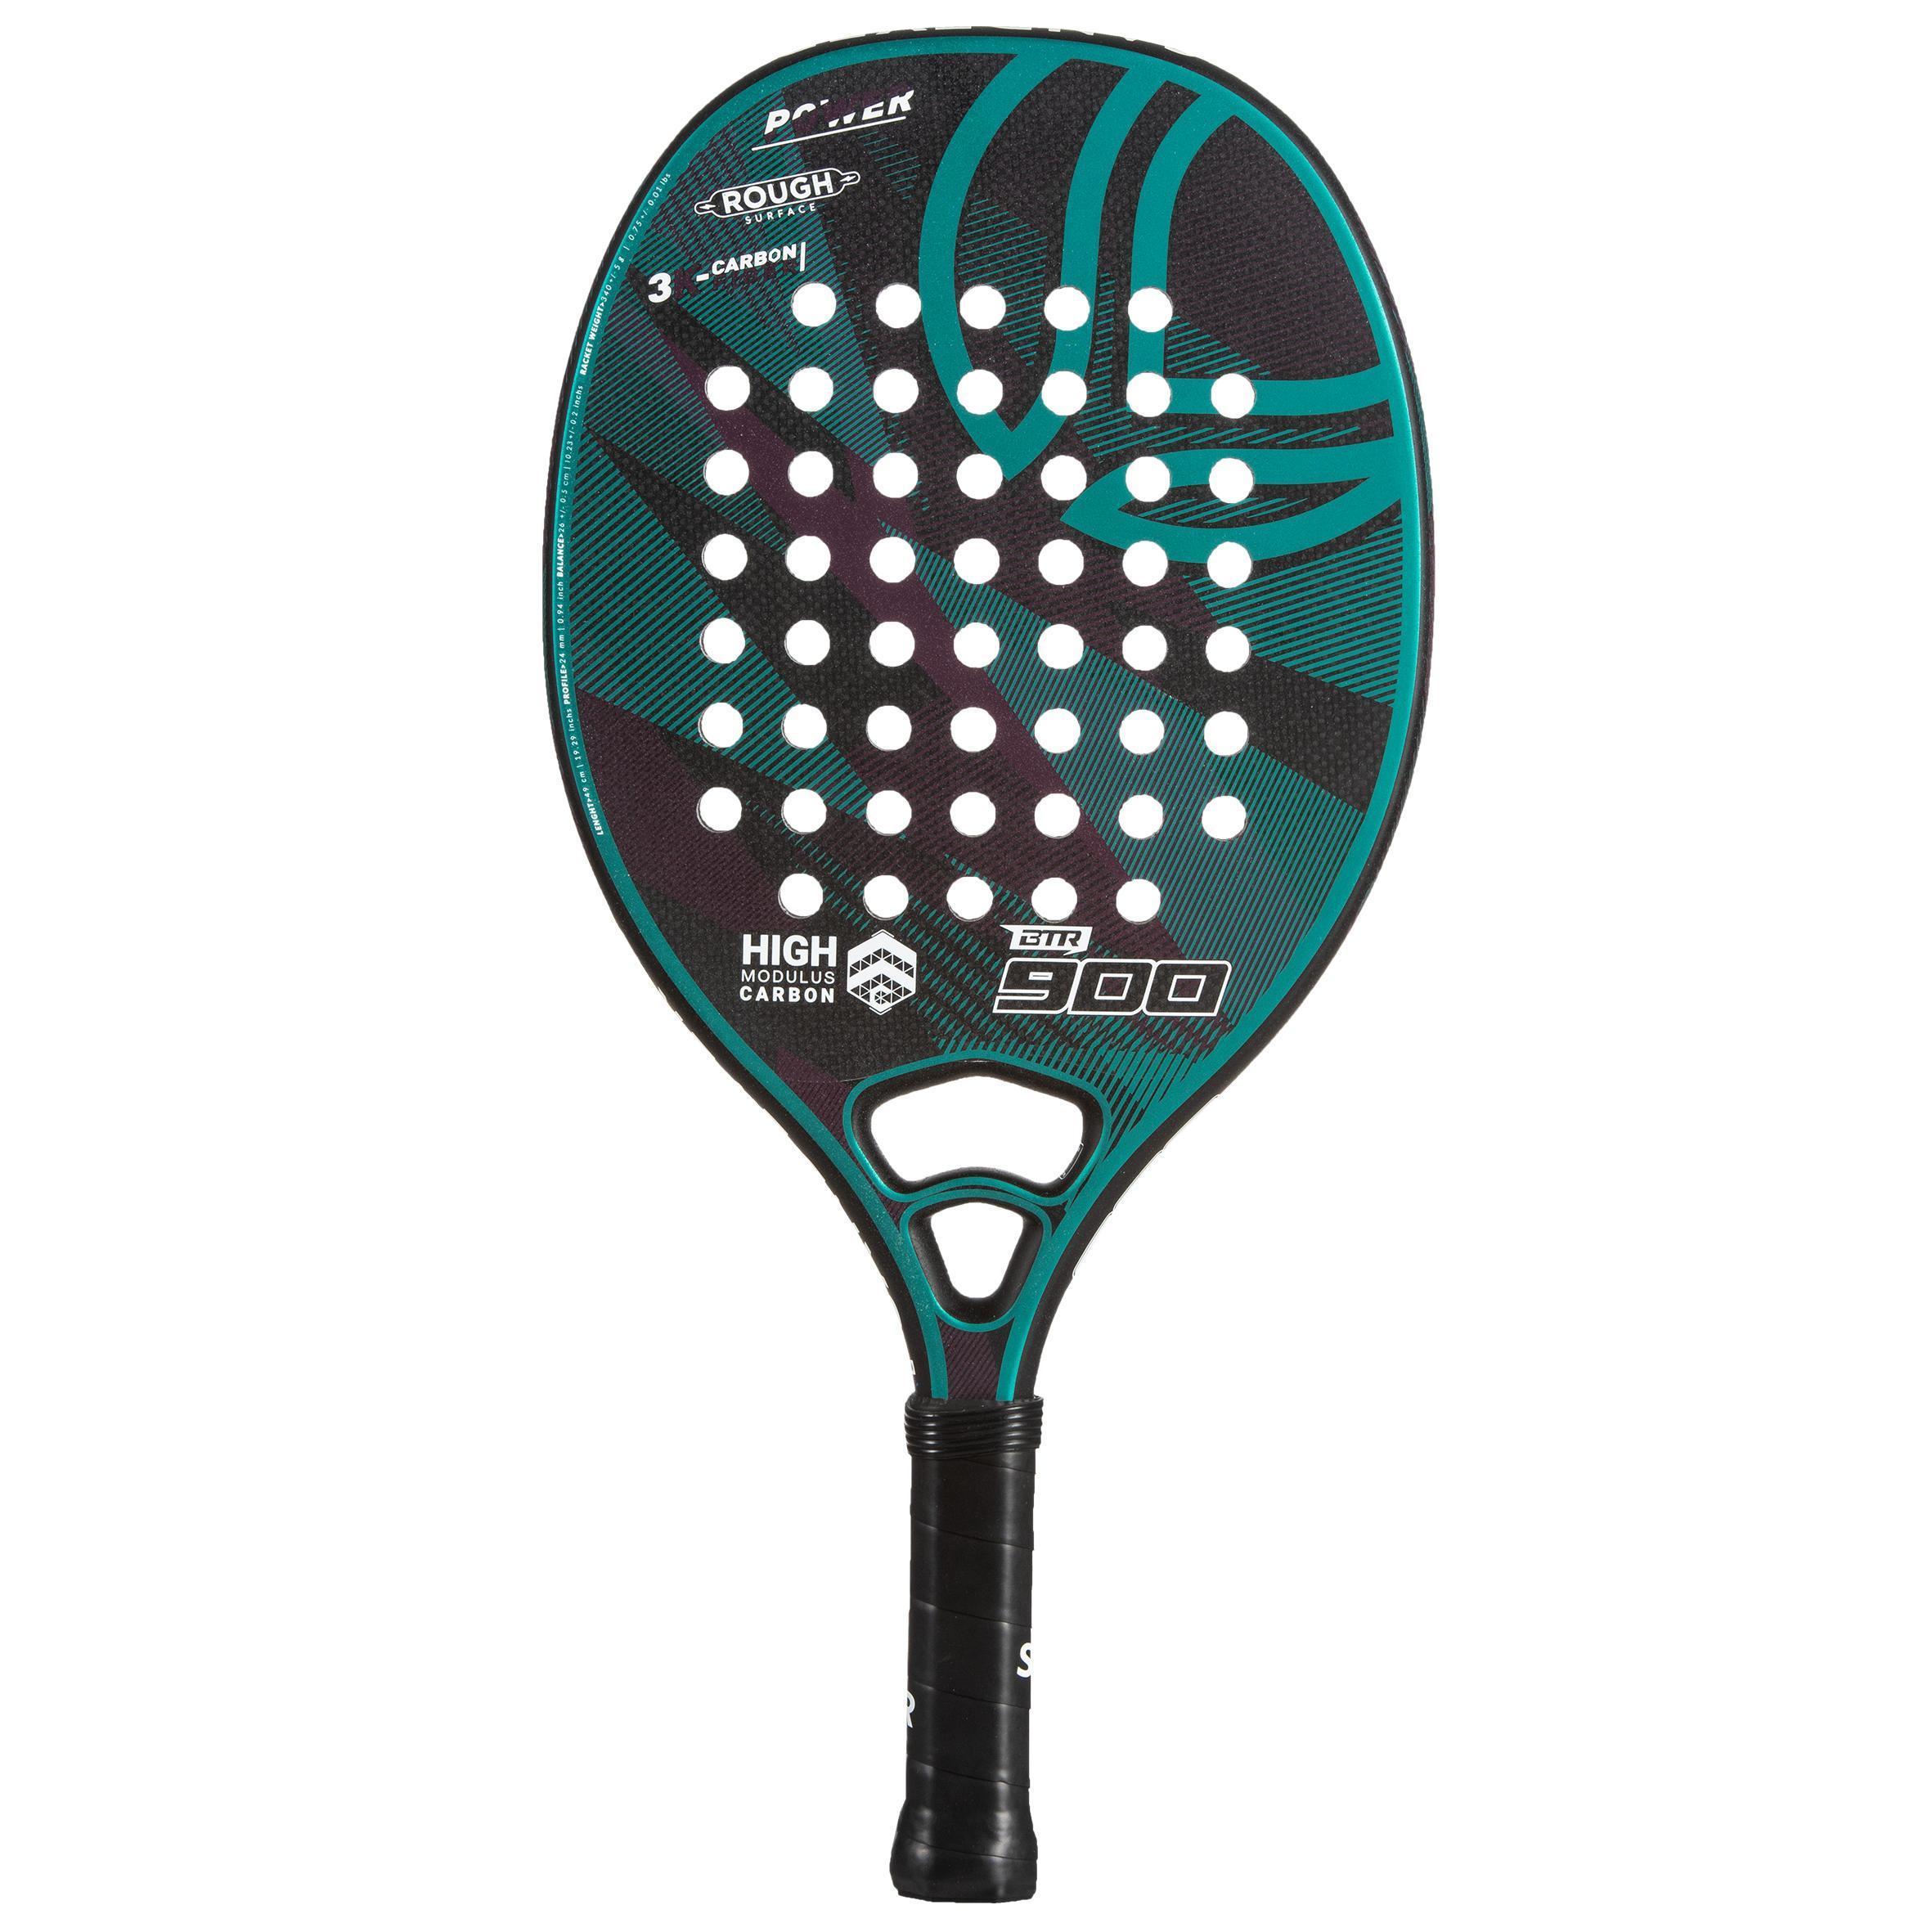 Raquette beach tennis btr 900 power green sandever